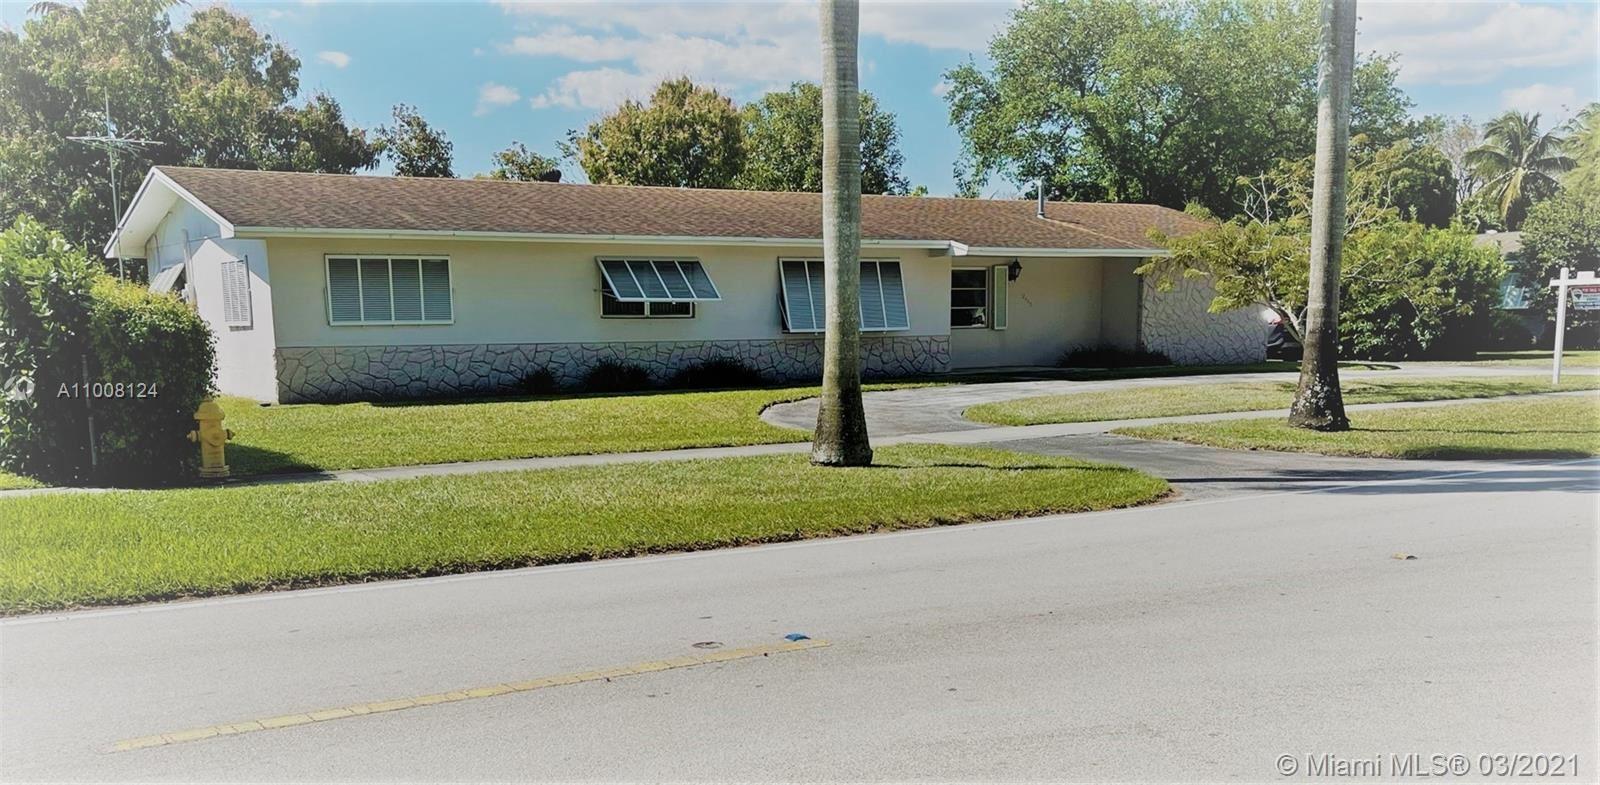 12440 SW 107th Ave, Miami, FL 33176 - #: A11008124